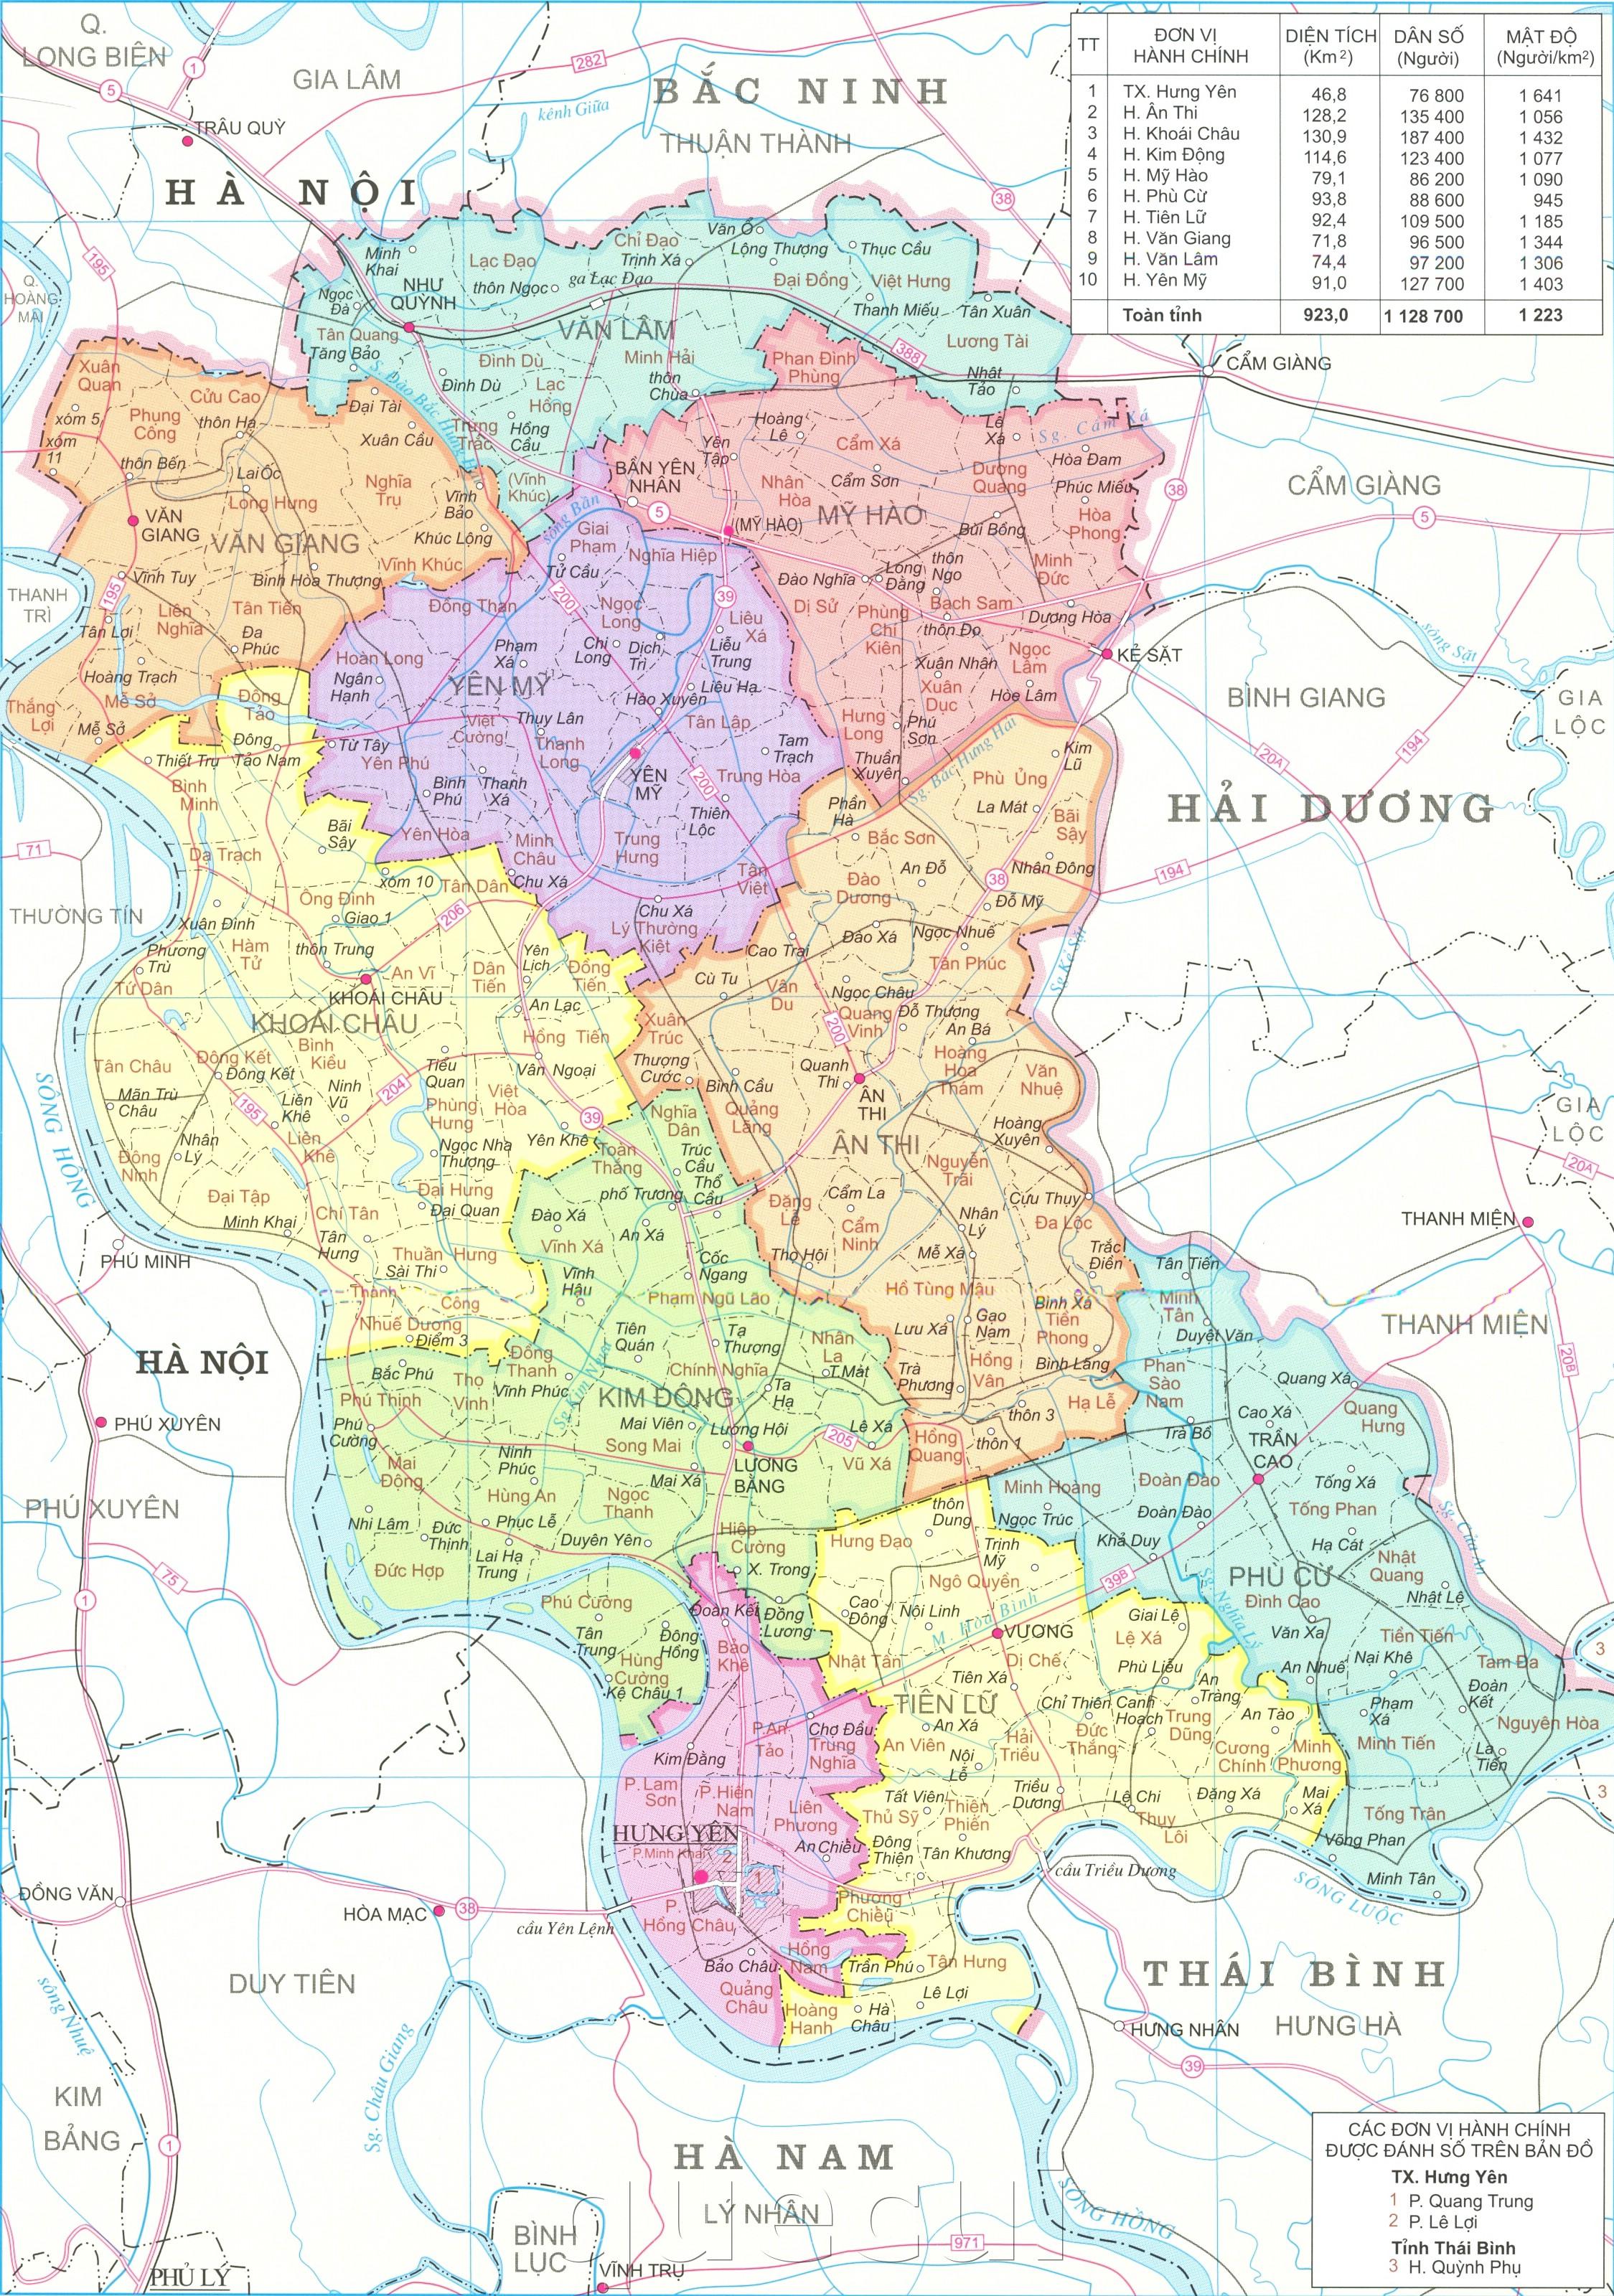 Bản đồ hành chính tỉnh Hưng Yên khổ lớn năm 2021